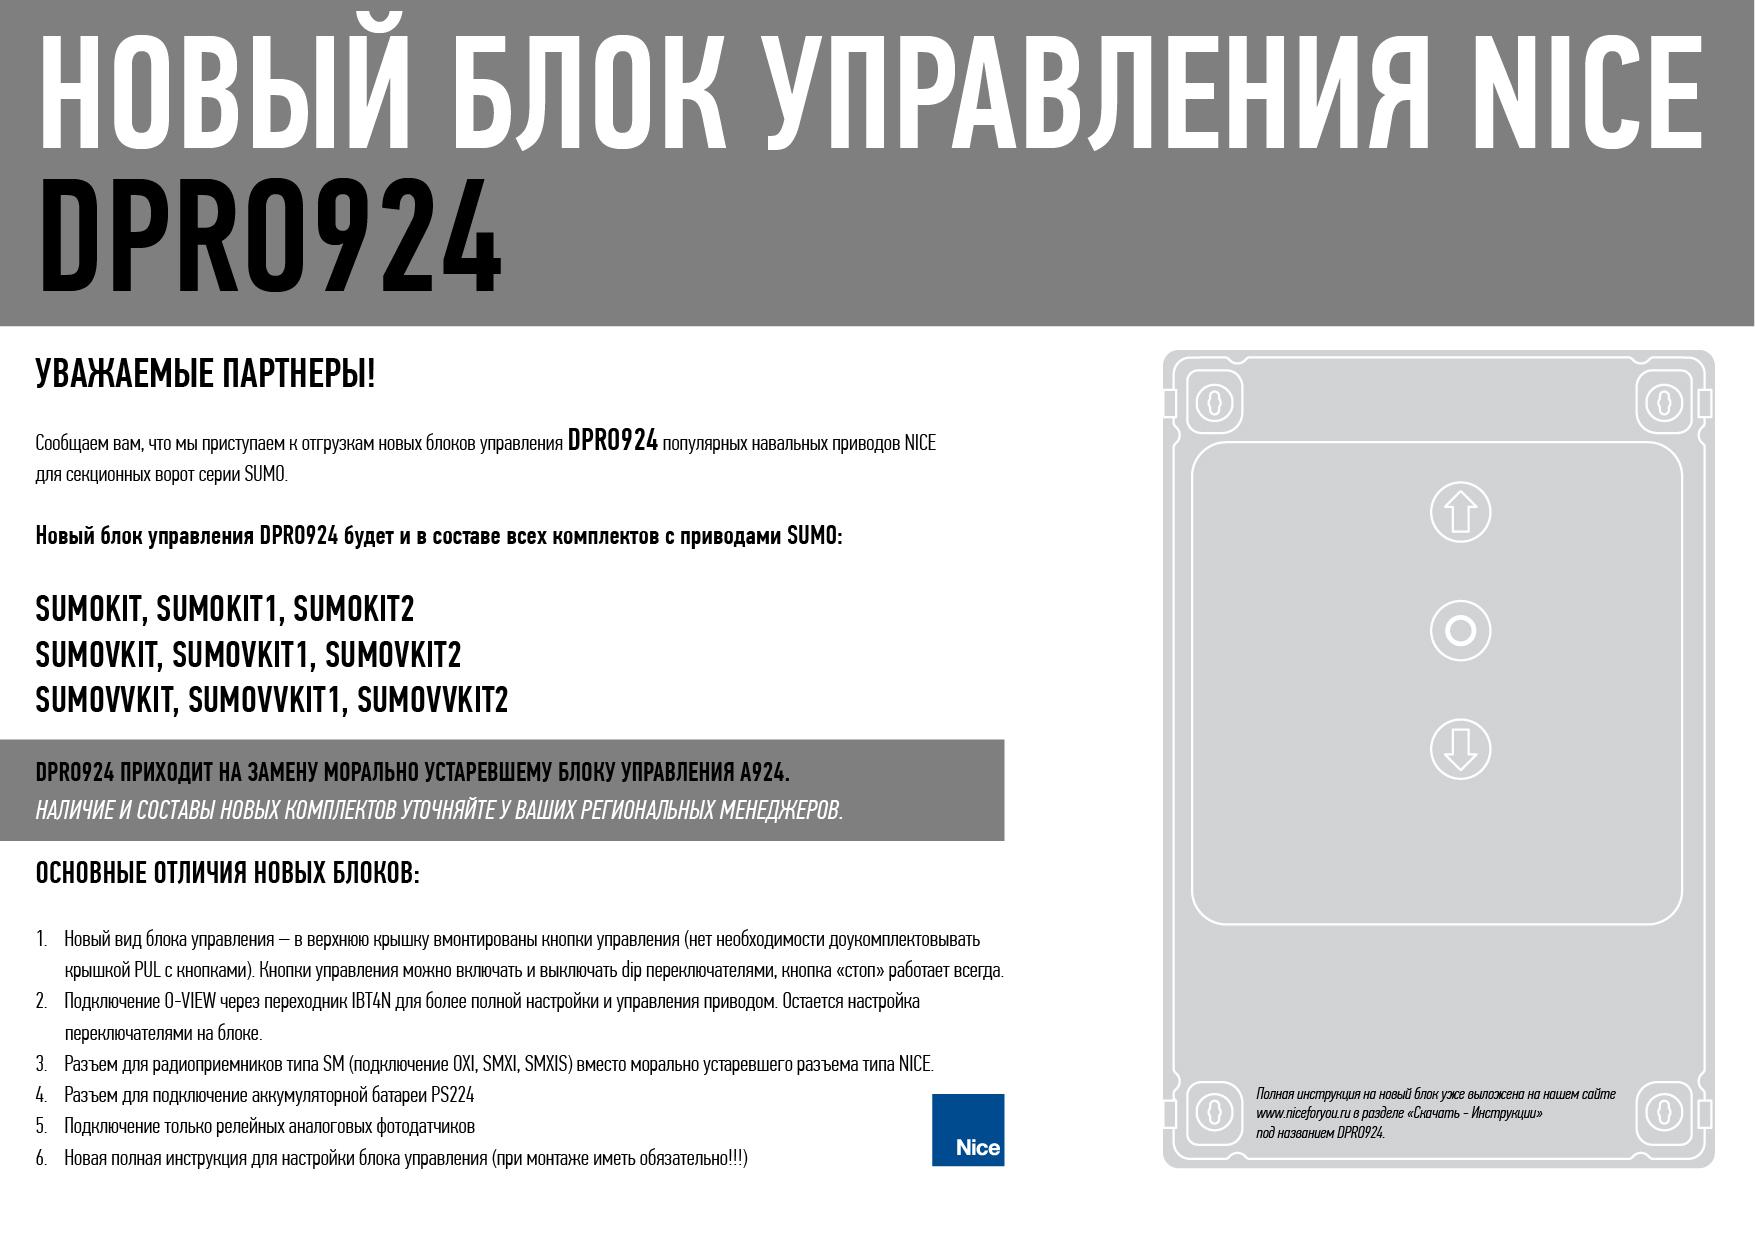 НОВЫЙ БЛОК УПРАВЛЕНИЯ NICE DPRO924 СКОРО В ПРОДАЖЕ!